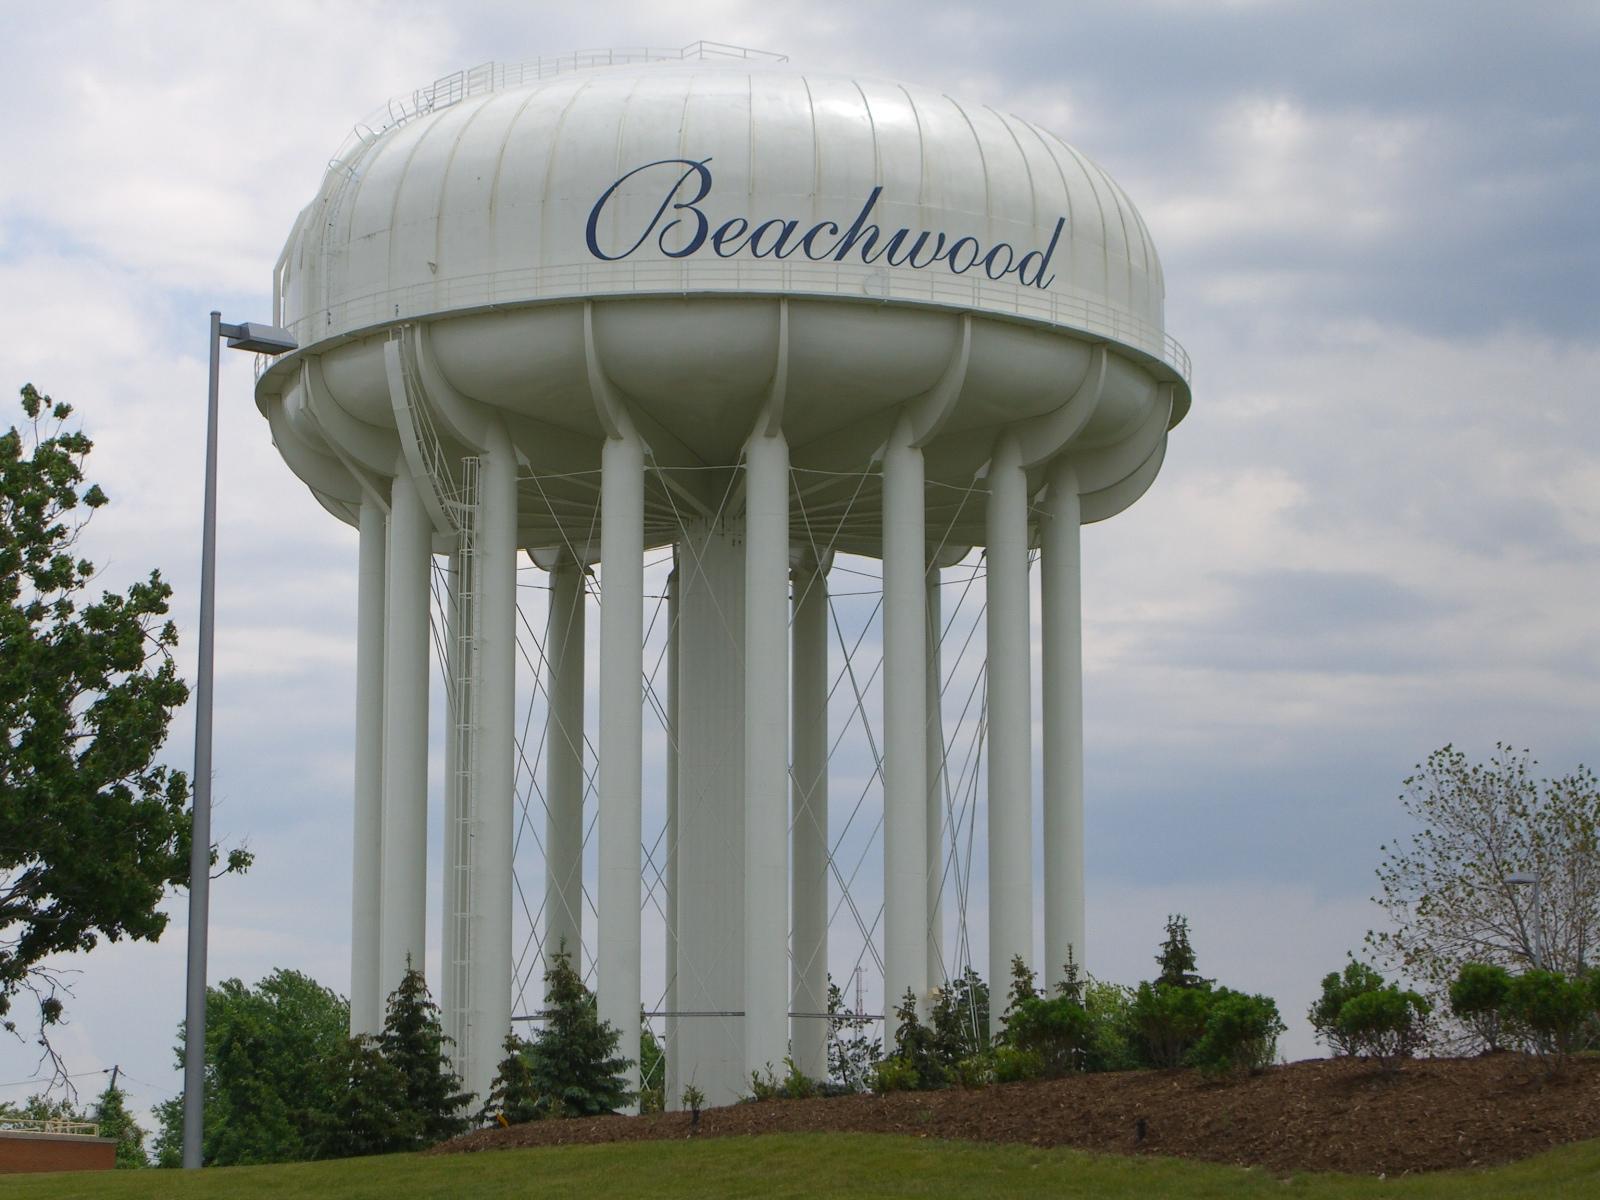 Beachwater Ohio Tower